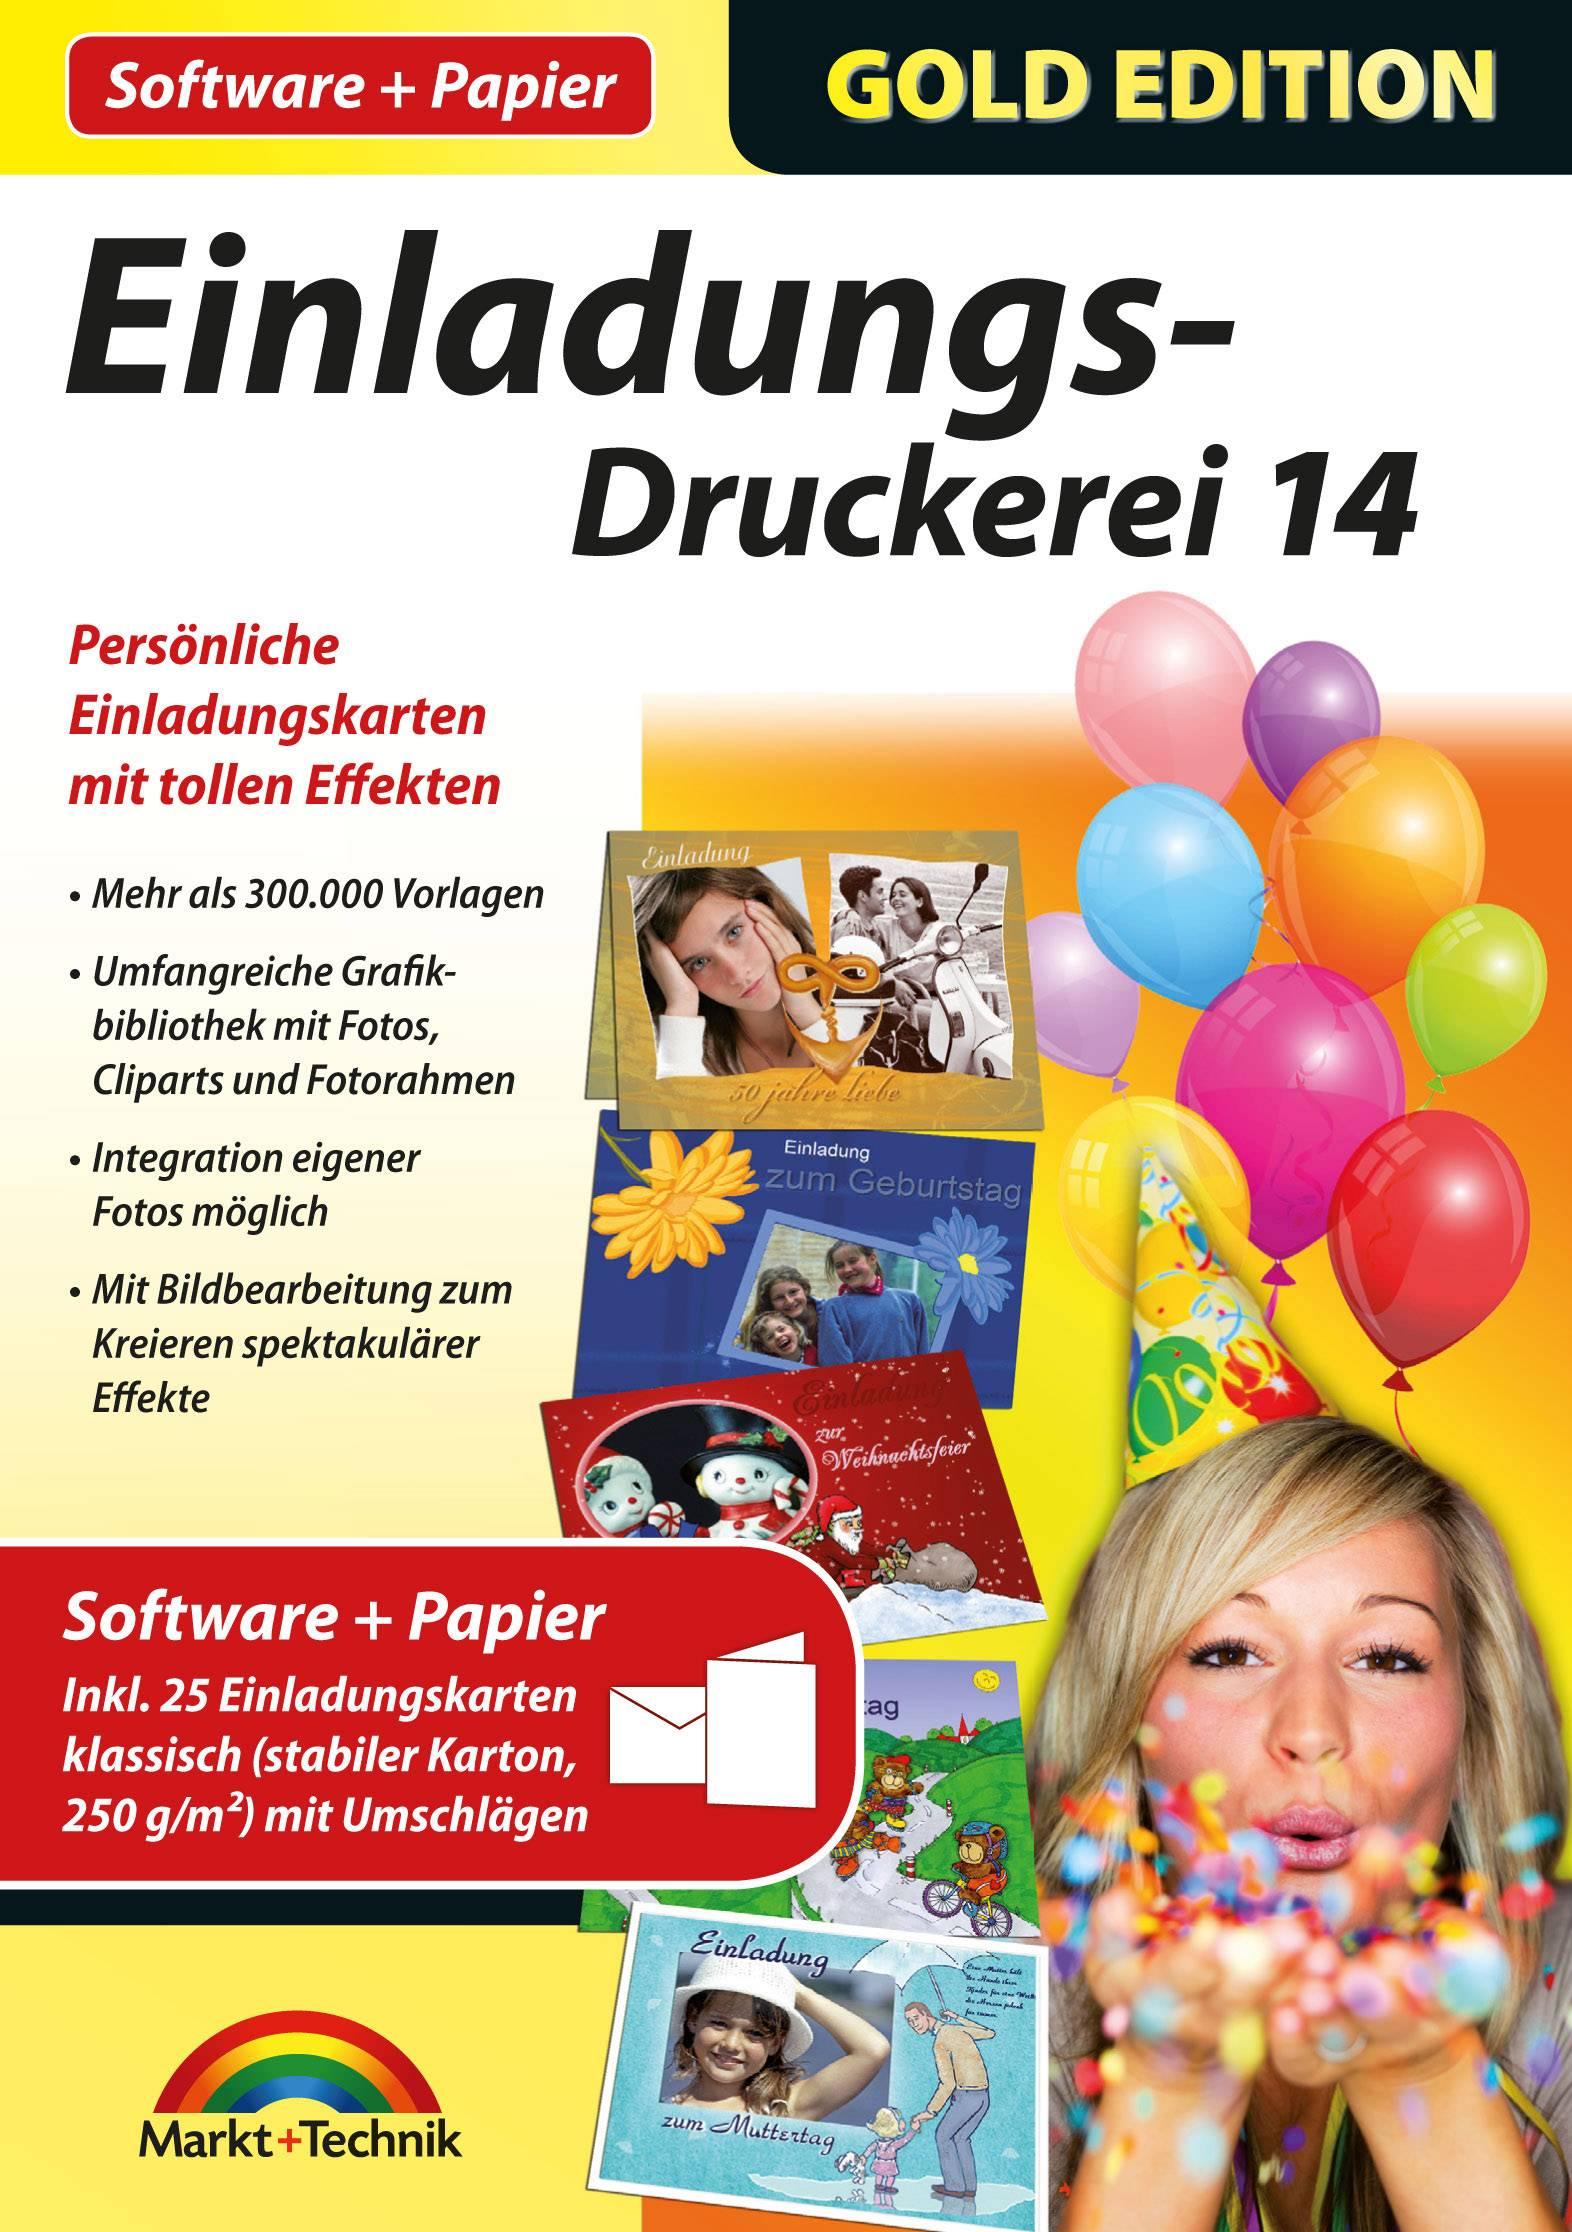 Media Markt Weihnachtsfeier.Markt Technik Einladungs Druckerei 14 Gold Edition Full Version 1 License Windows Template Compilation